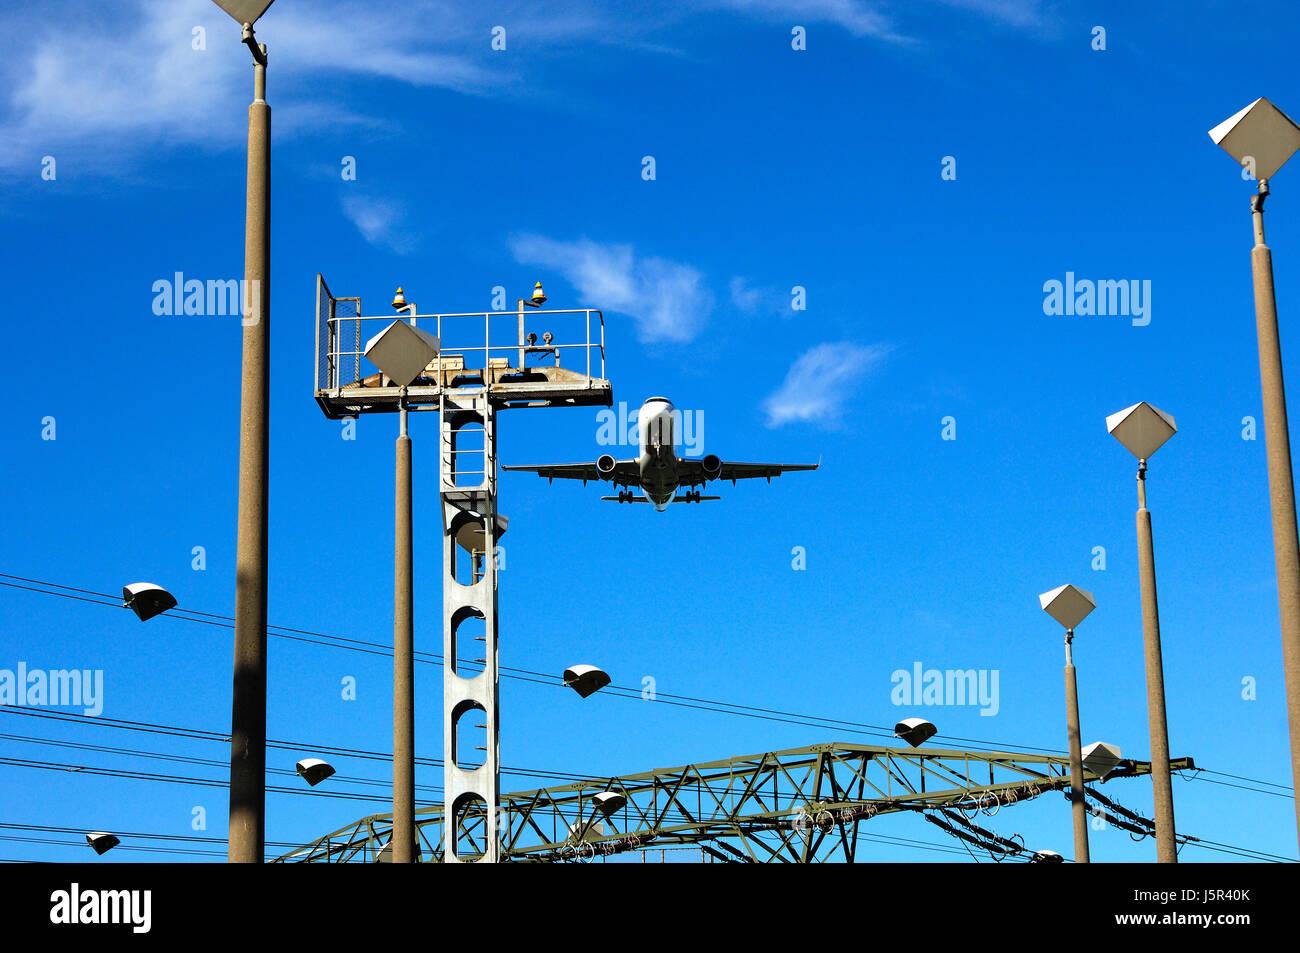 flight engineering traffic transportation transport airline landing orientation Stock Photo